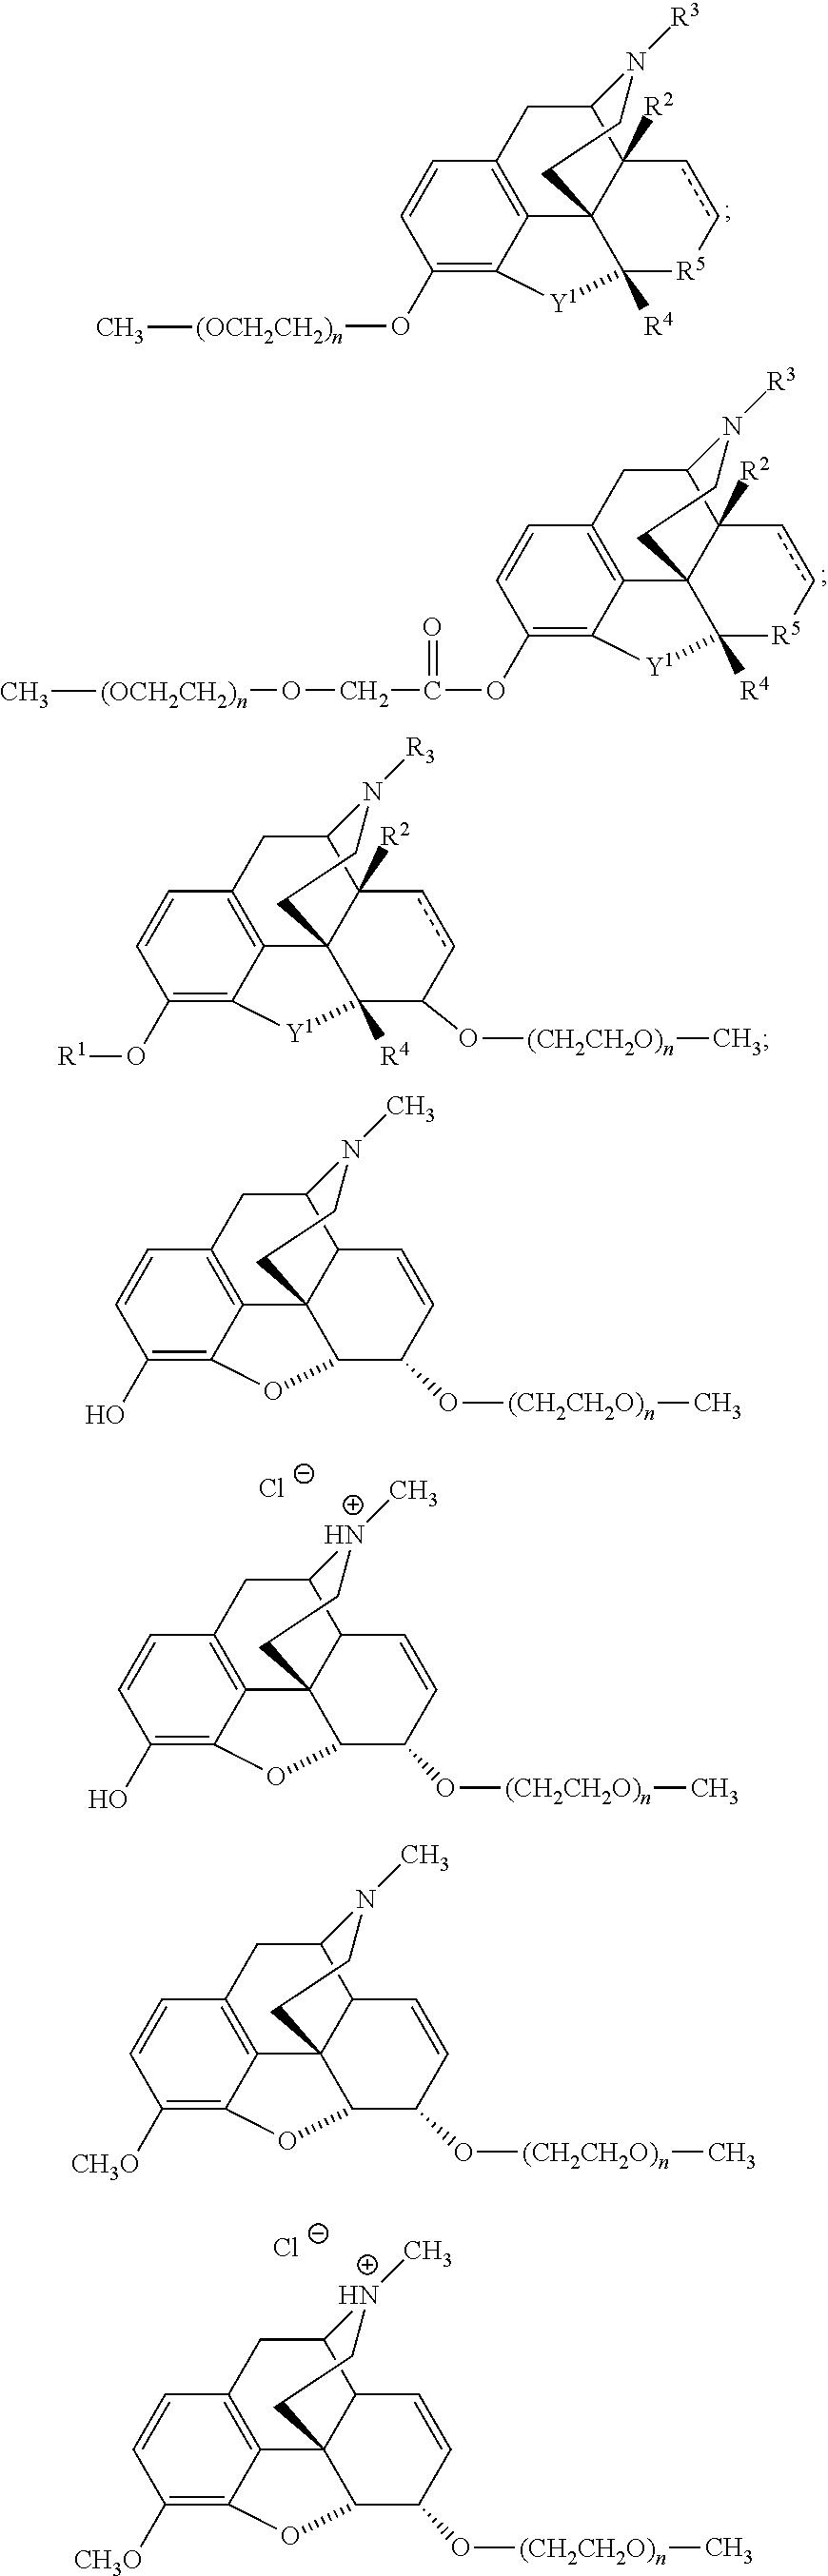 Figure US09233167-20160112-C00012